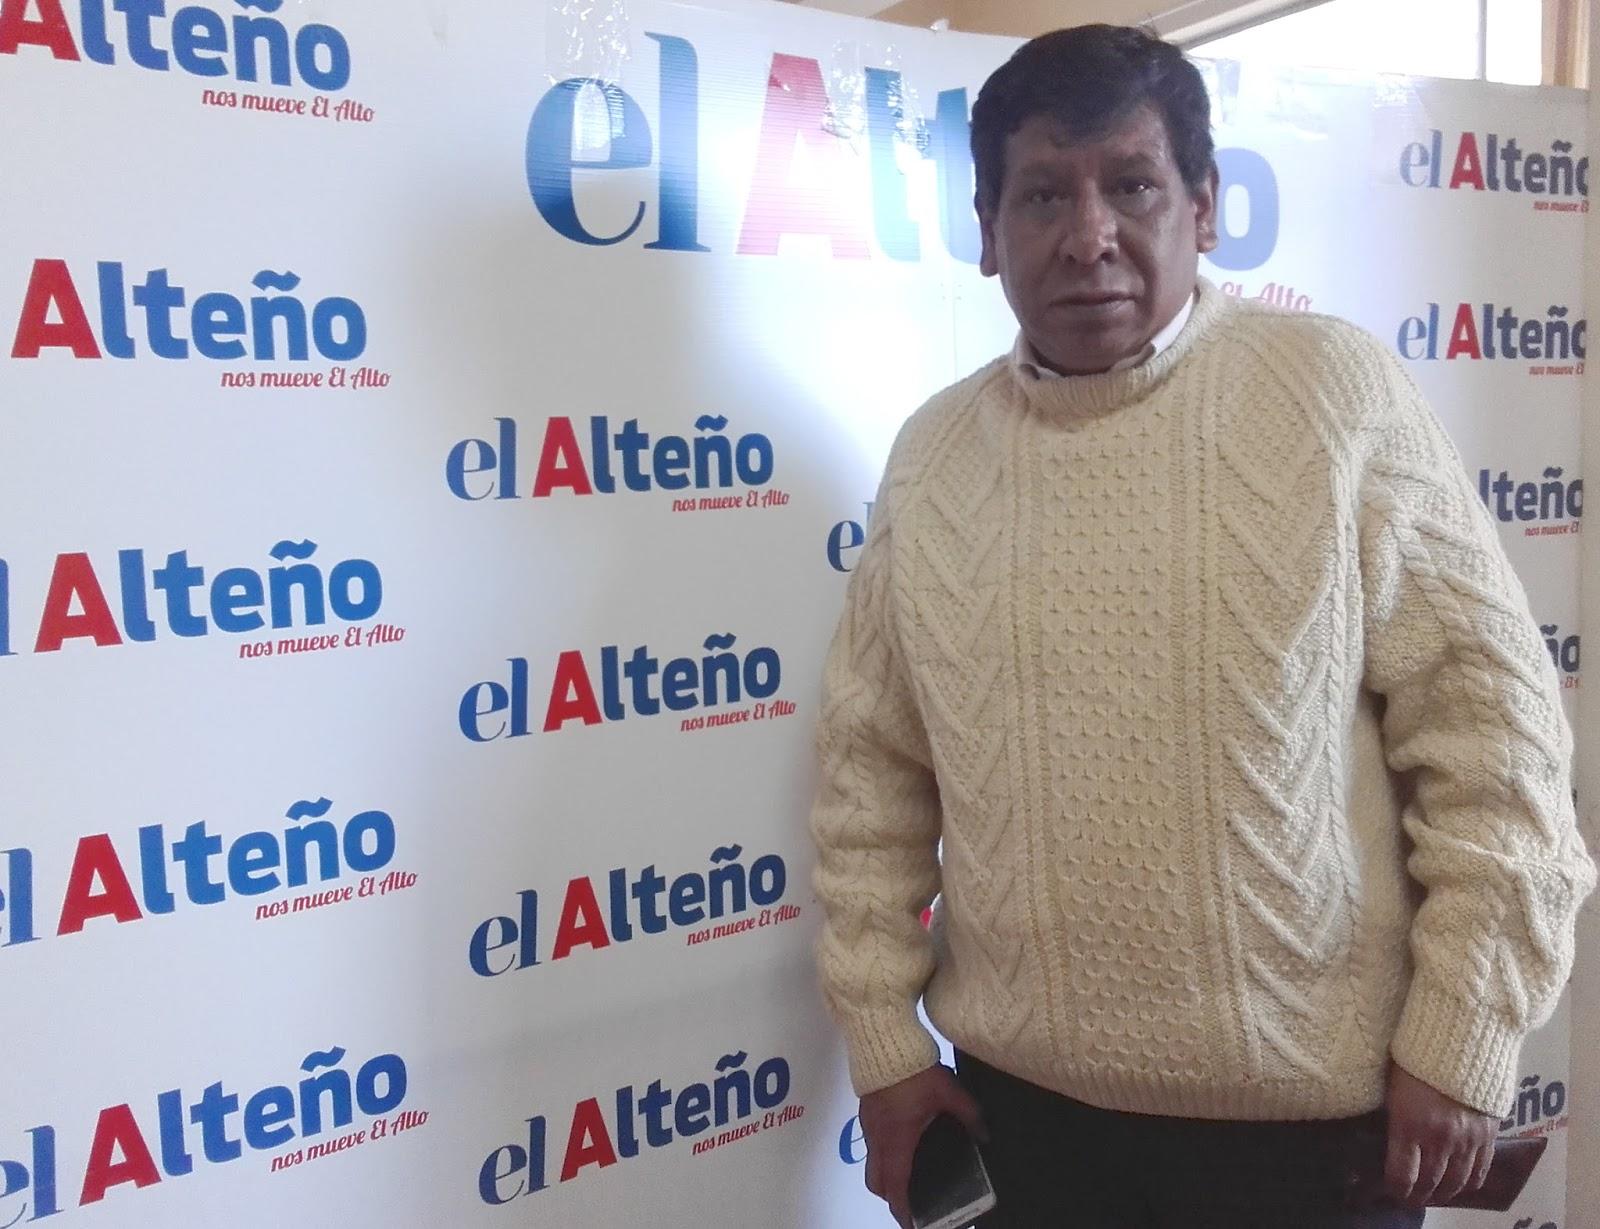 Martín Balcazar Martínez es un vecino de Ciudad Satélite, el barrio alteño que cumplió 51 años en abril